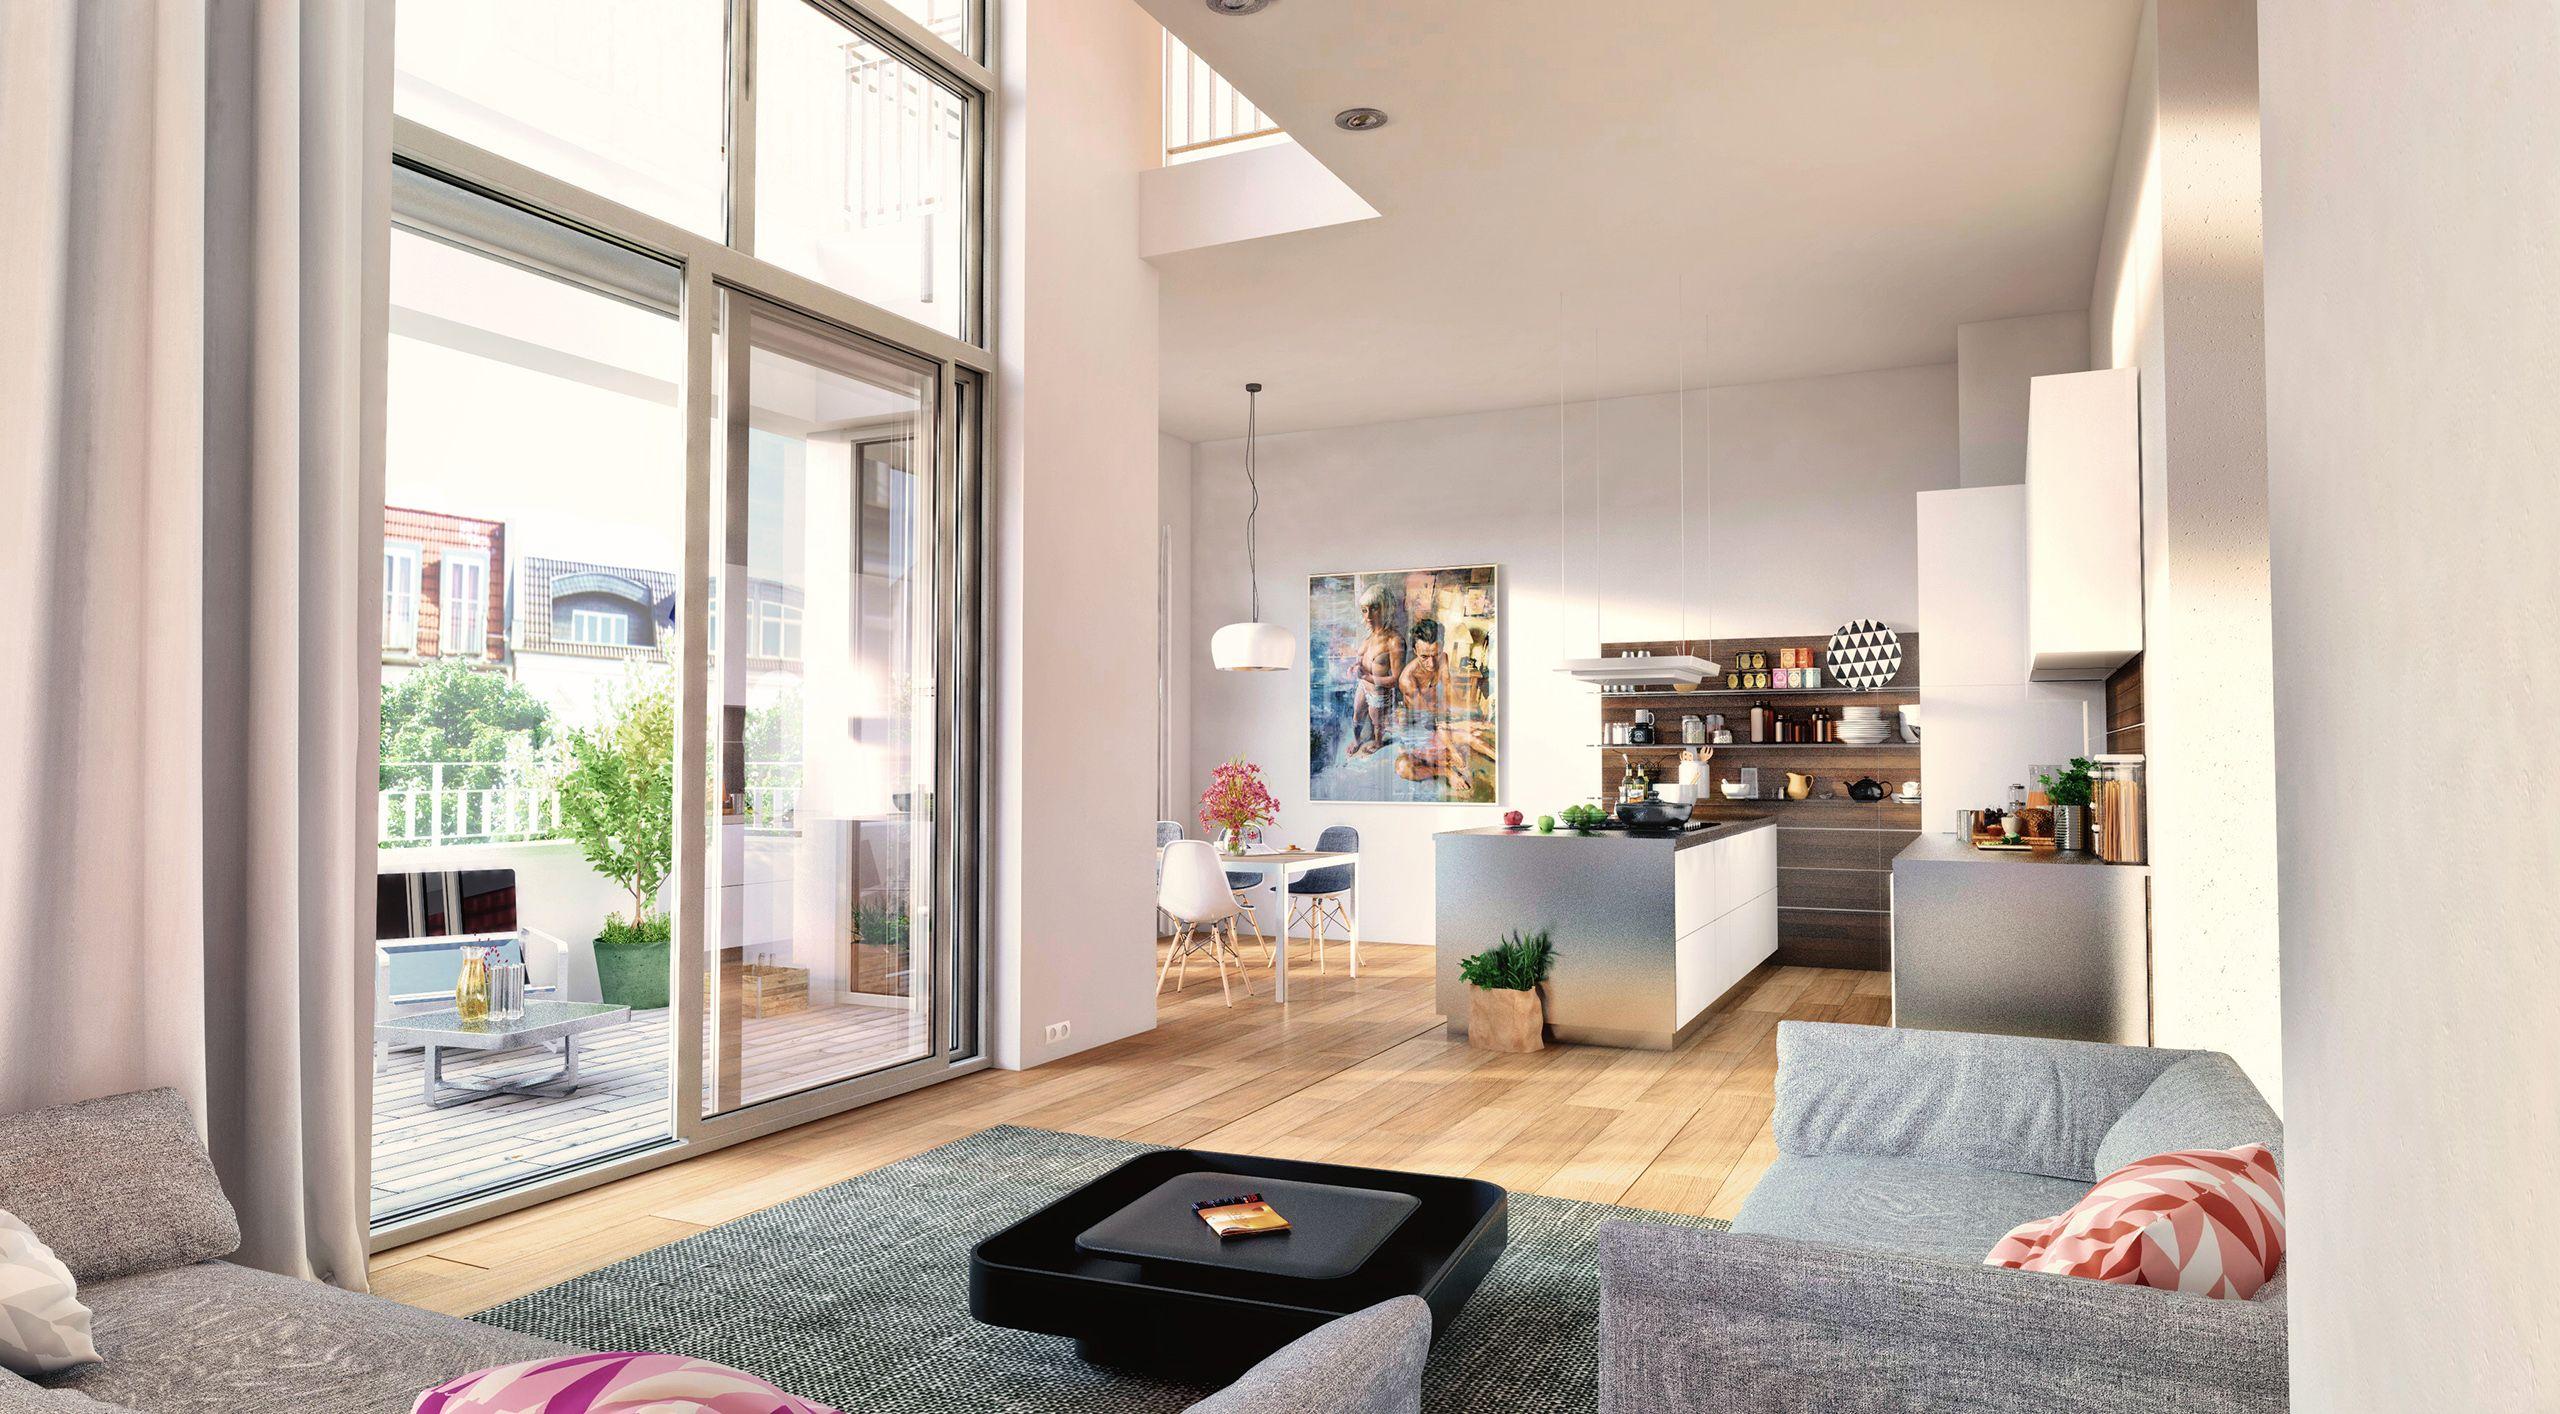 Architekturvisualisierung Berlin interior berlin loft charlottenburg joachim friedrich straße